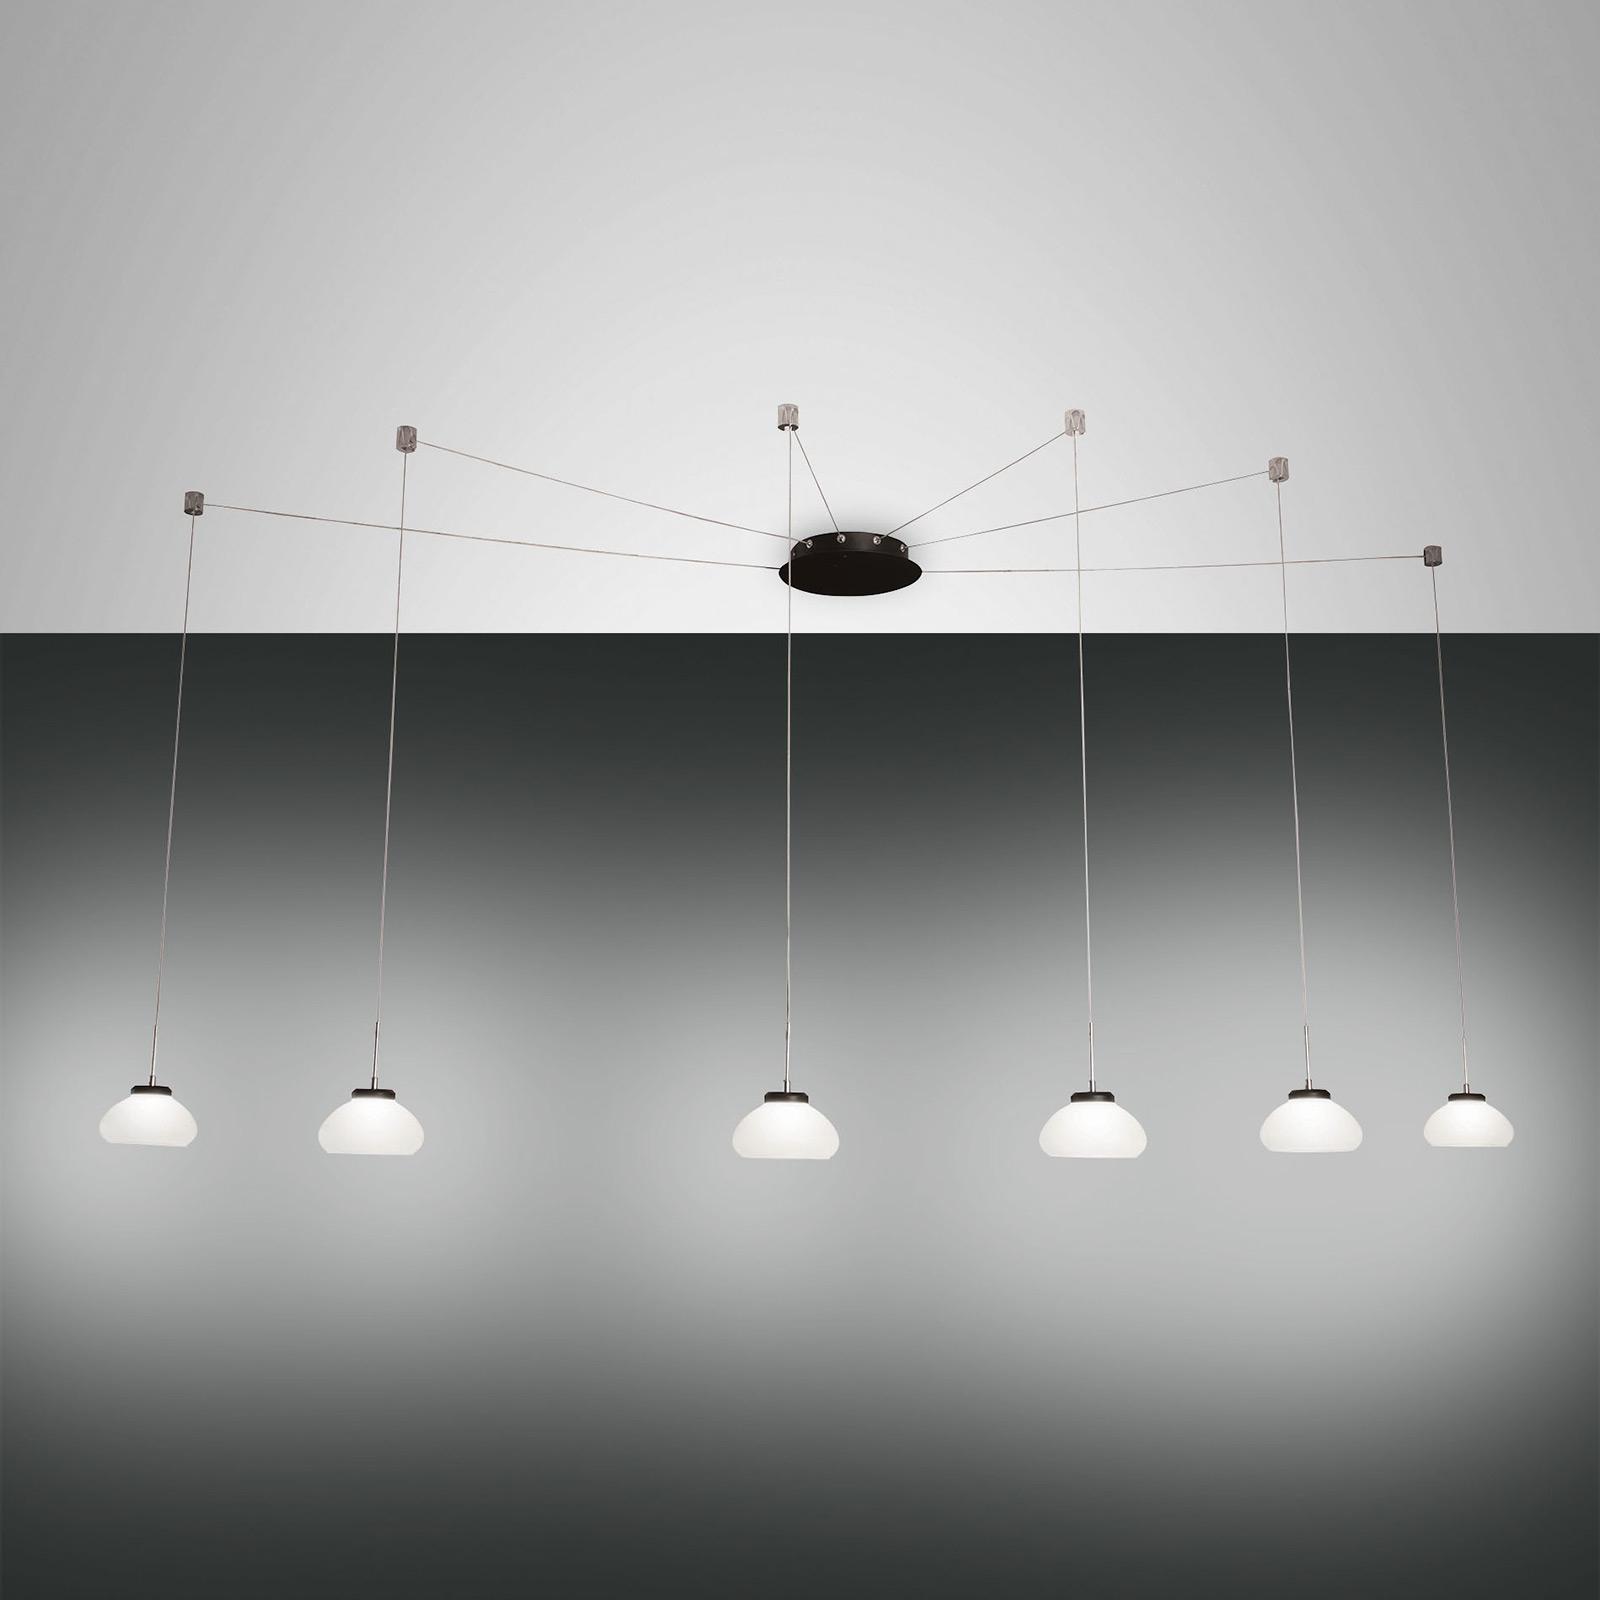 Hanglamp Arabella decentraal 6-lamps, wit